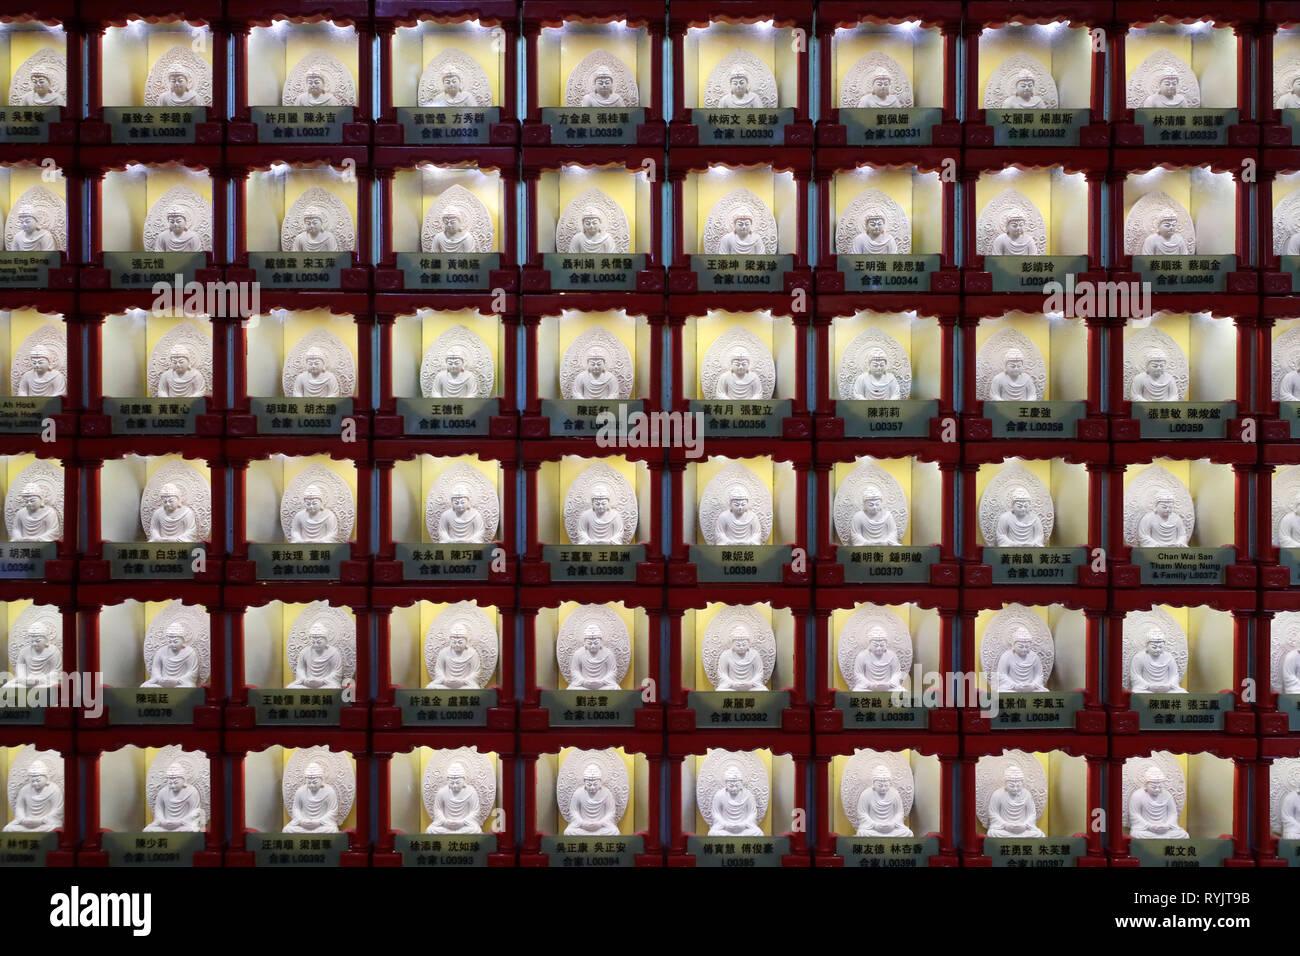 Dente del Buddha reliquia tempio in Chinatown. Diecimila Buddha Pavillion. La longevità di luce di Buddha. Singapore. Immagini Stock